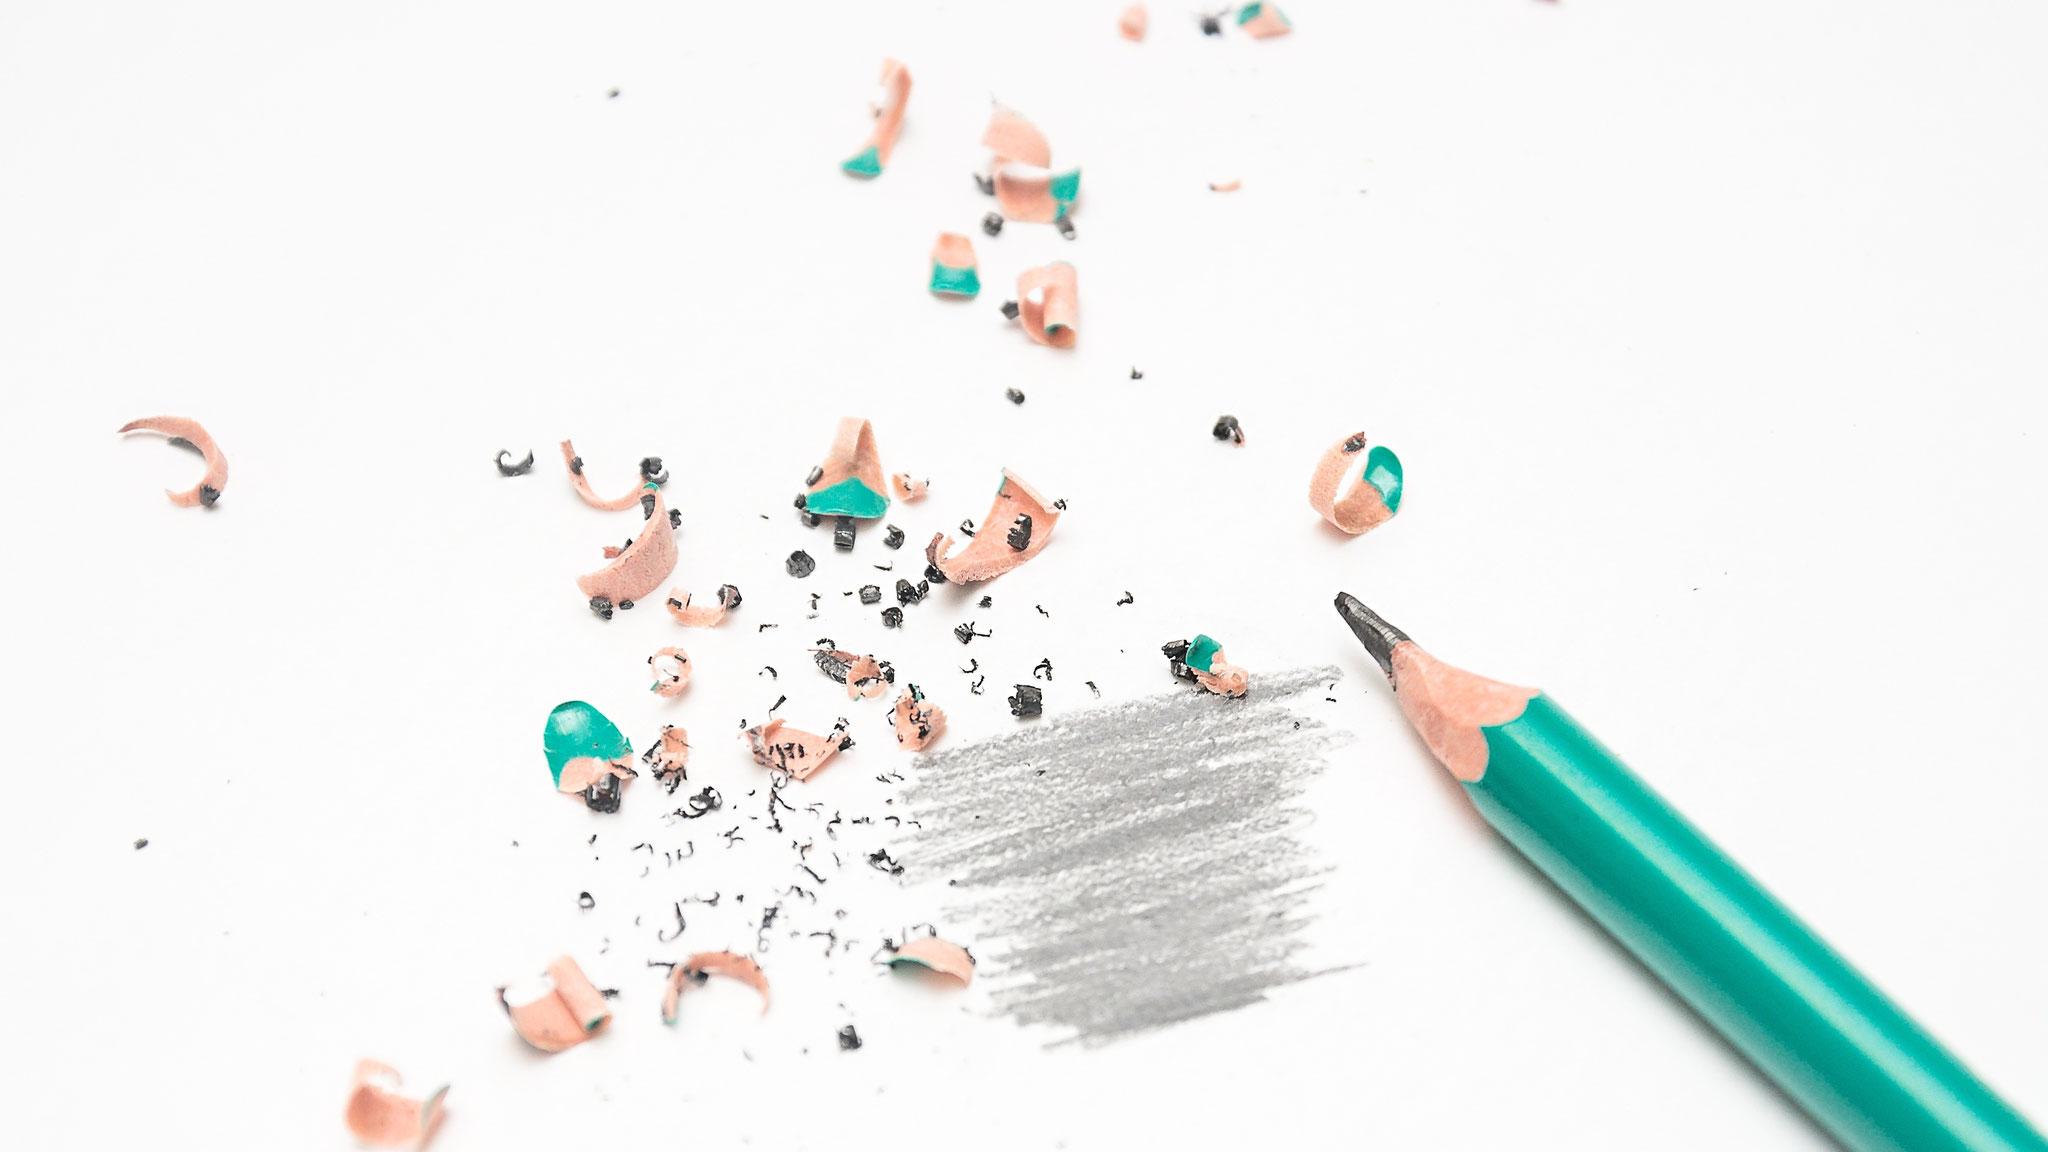 Kreativ Agentur - Be open minded ist unser Leitspruch!